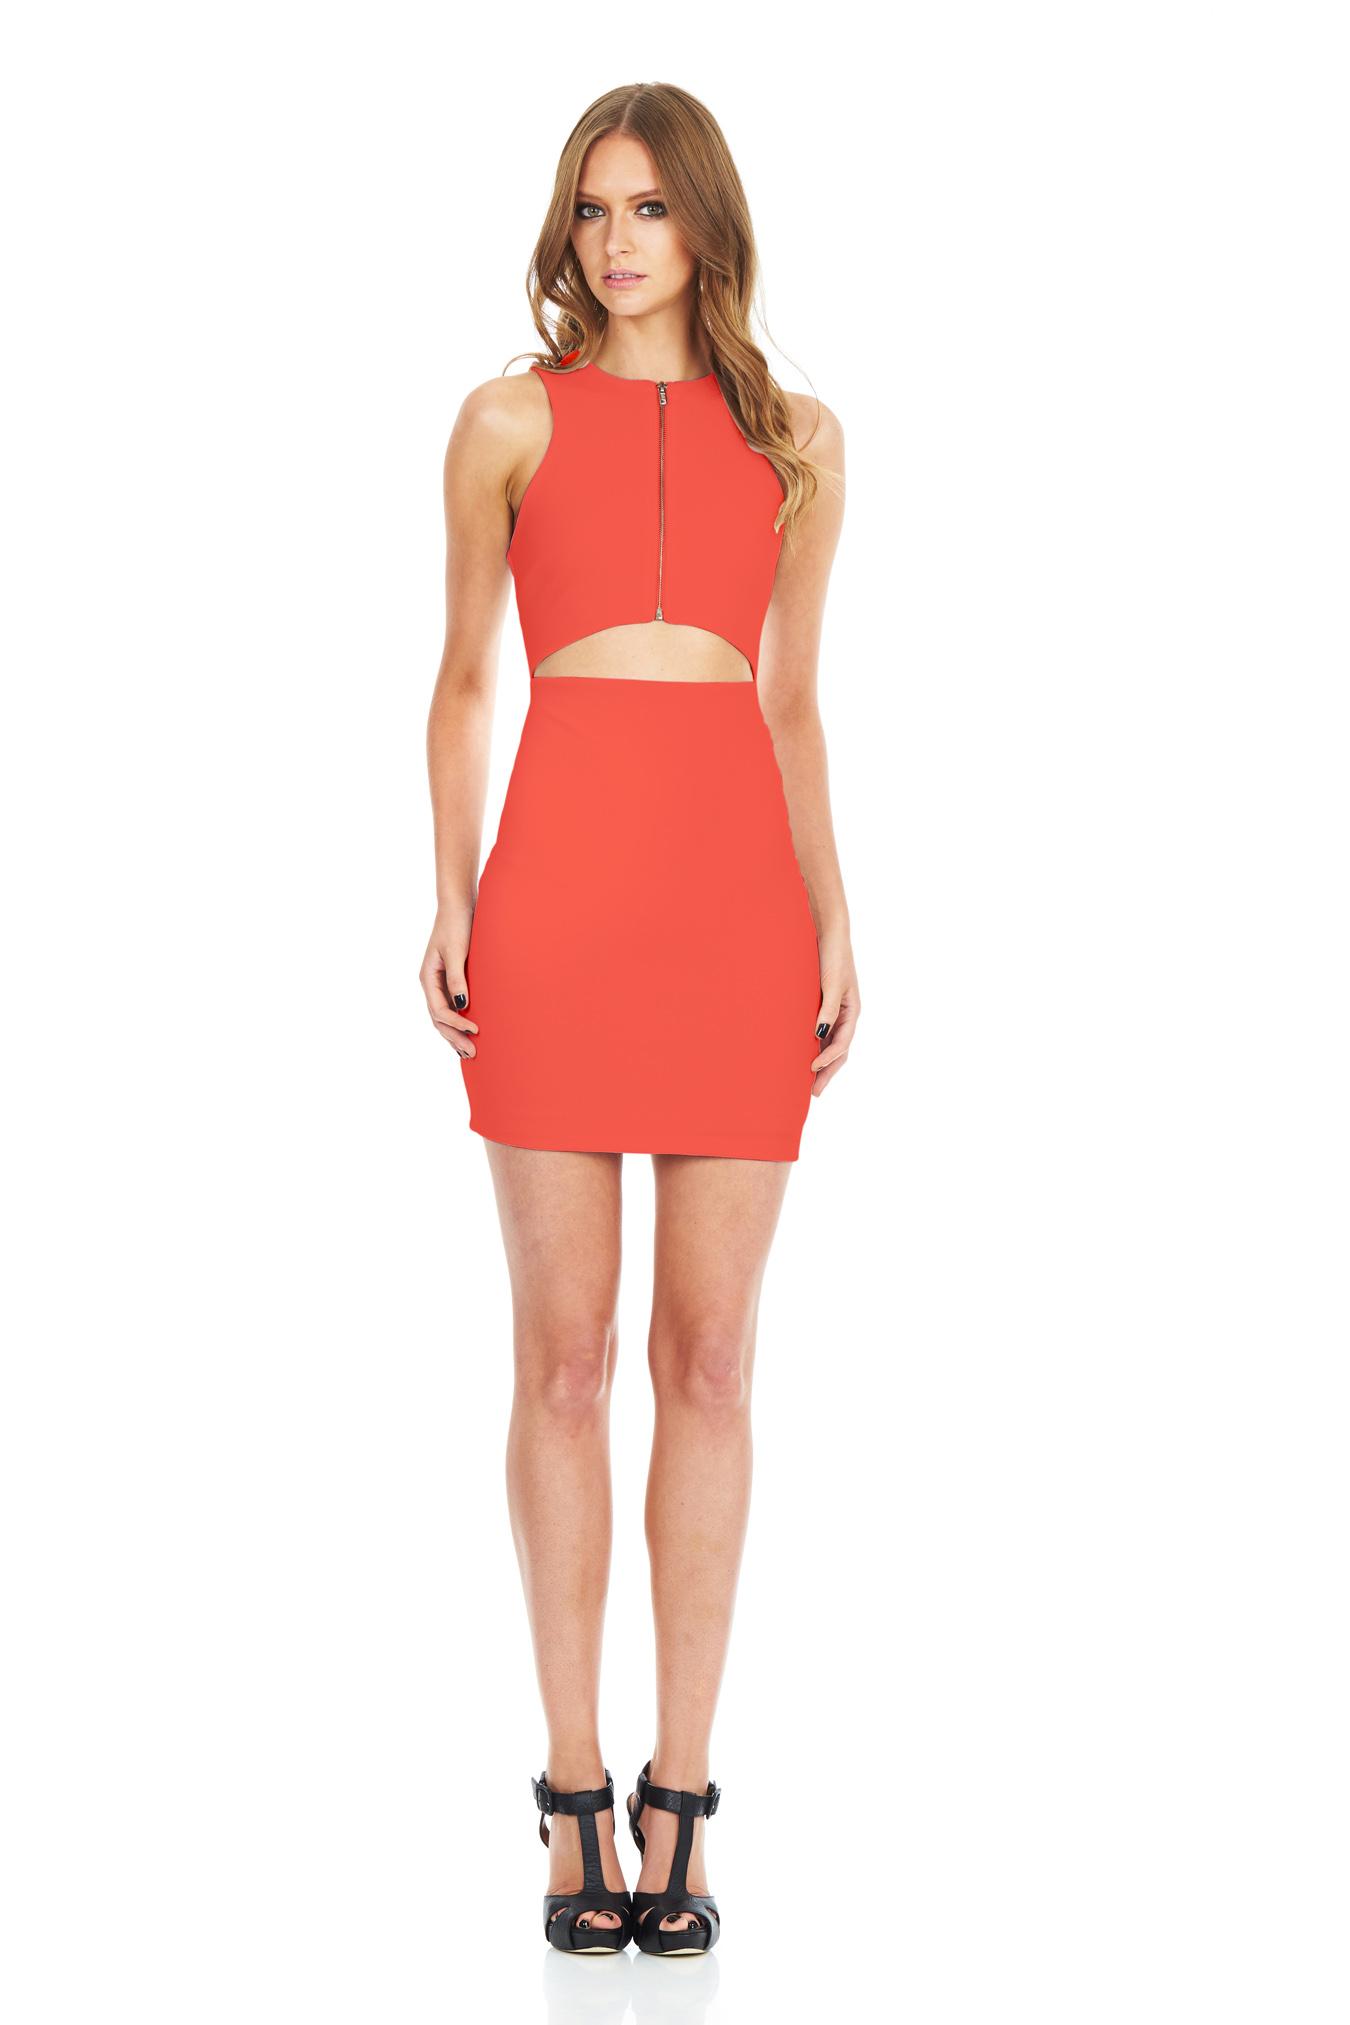 Blood Orange All Star Dress : Buy Designer Dresses Online at Nookie